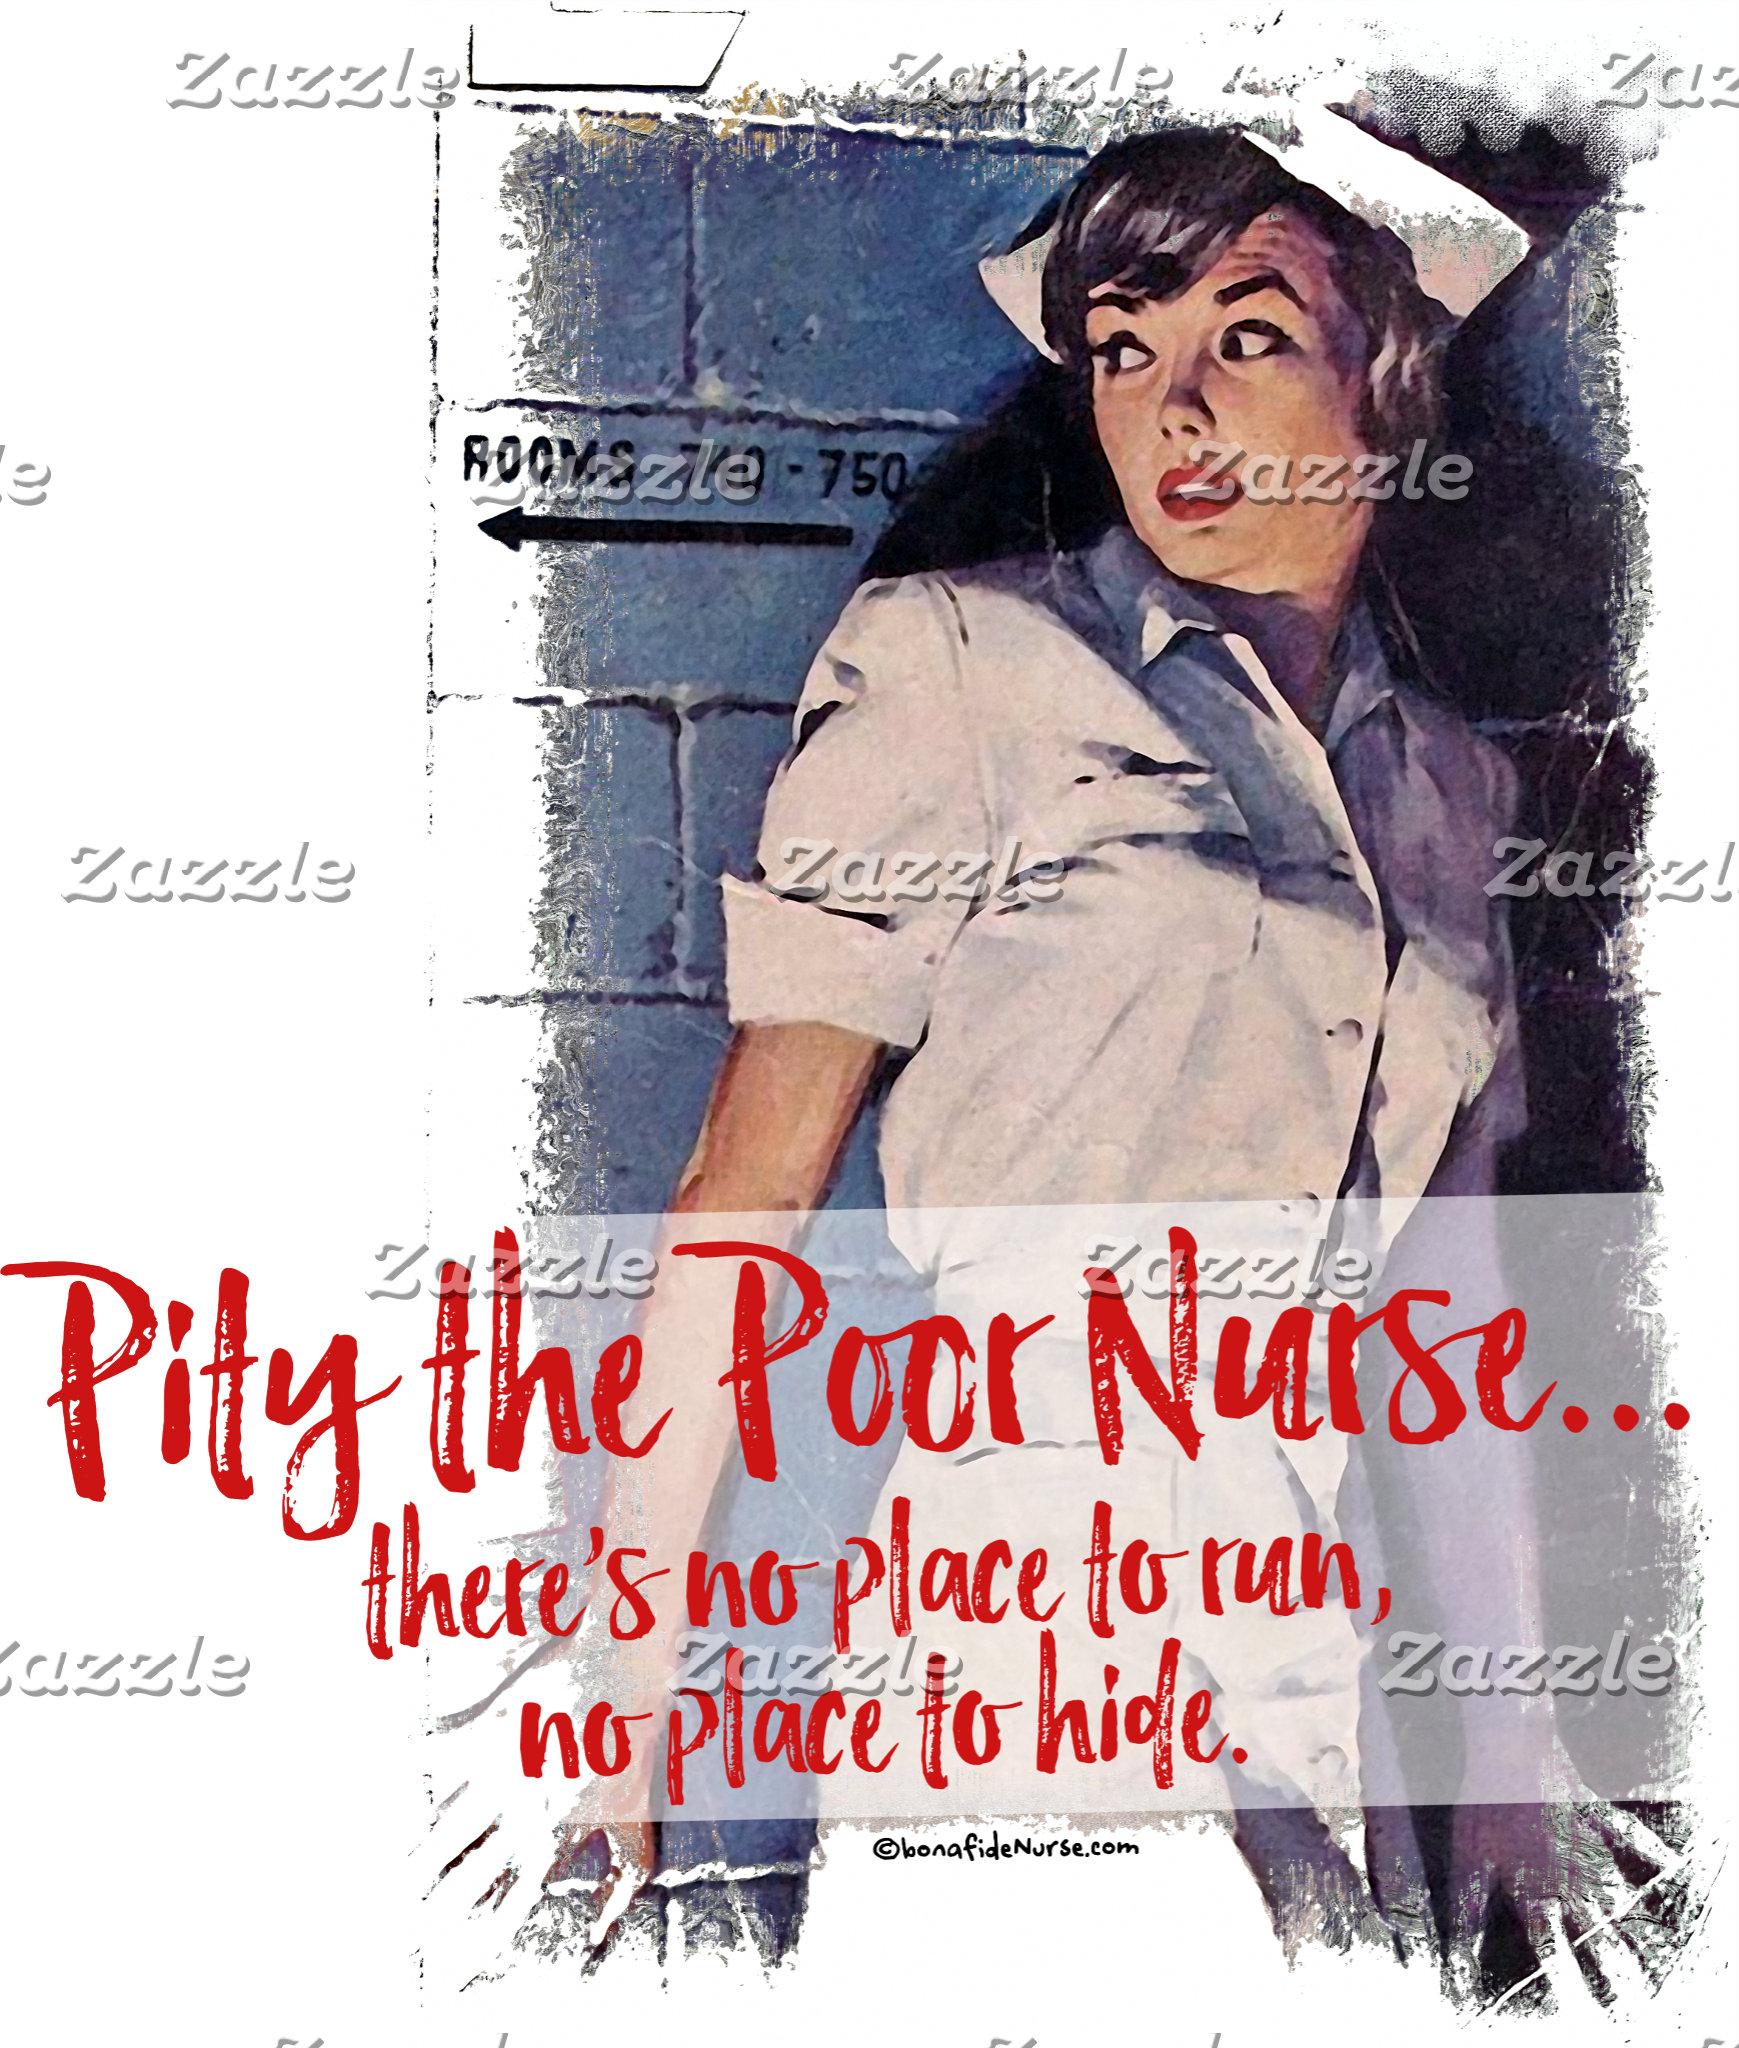 Pity the Poor Nurse